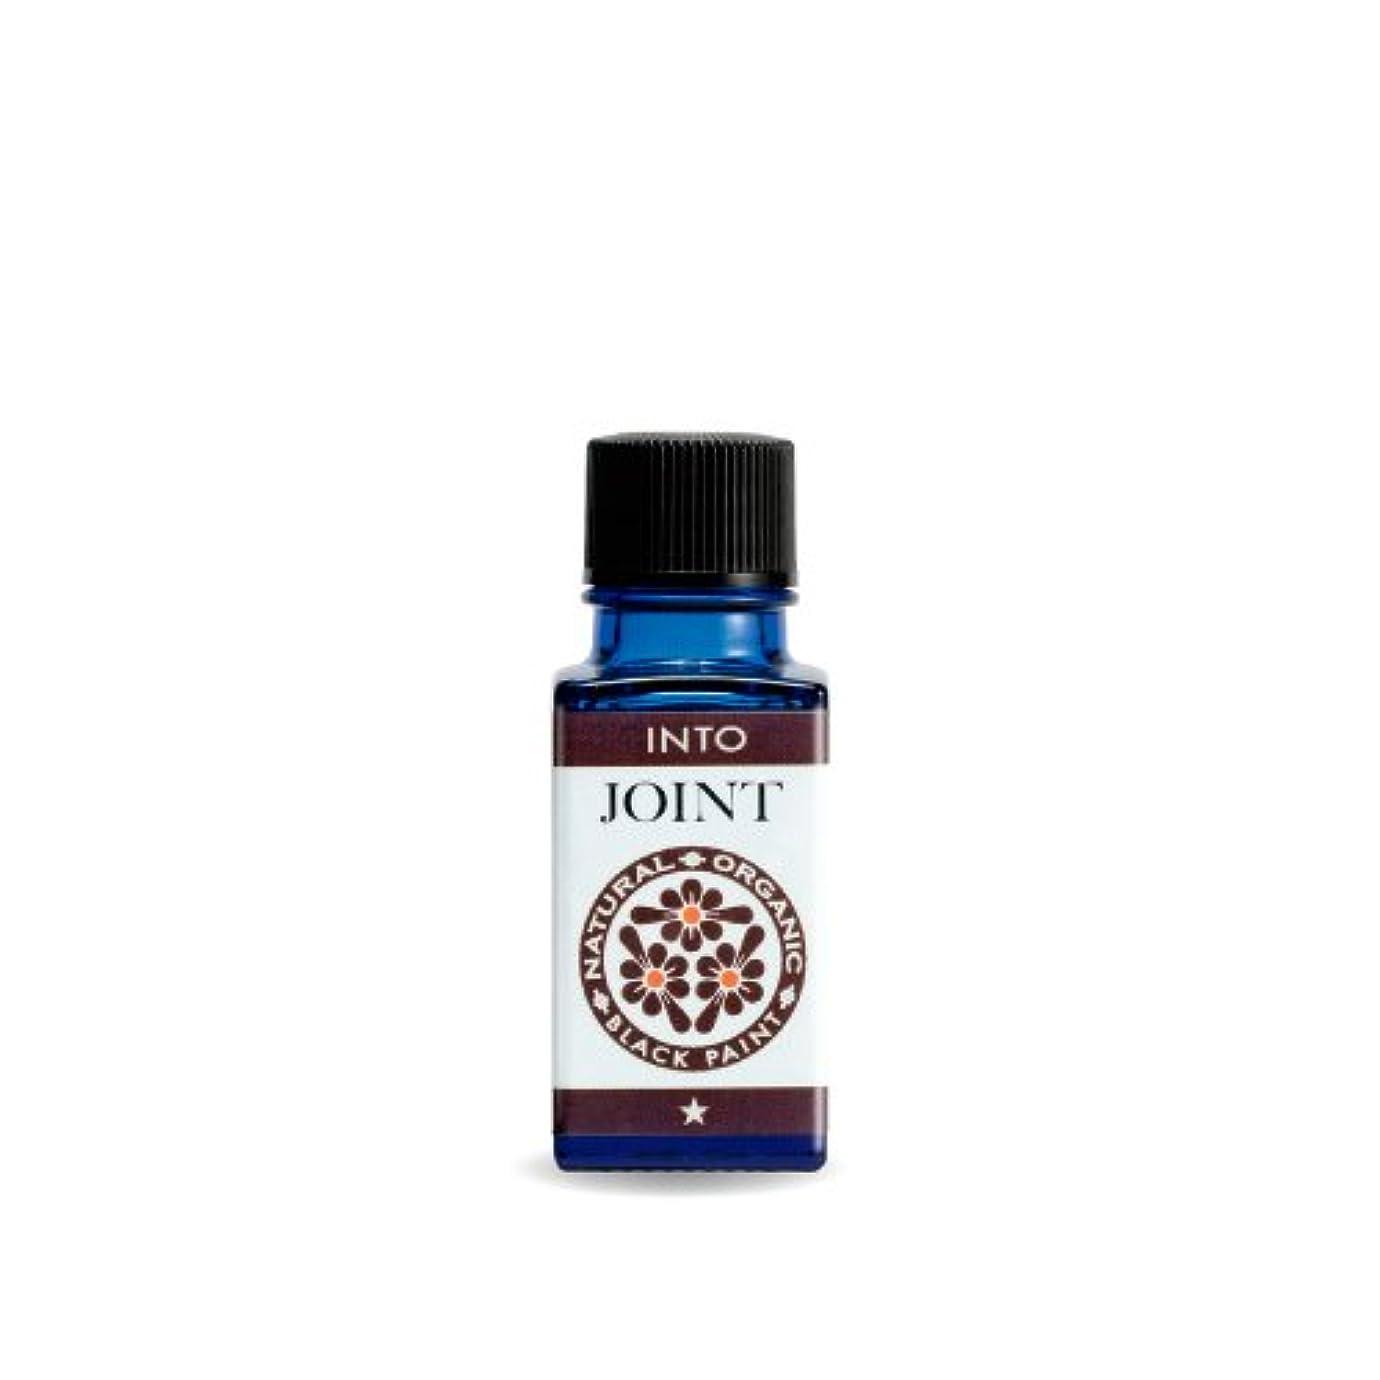 レンズキモい血まみれの関節用 エッセンシャルオイル 美容液 INTO ジョイント 10ml ブラックペイント